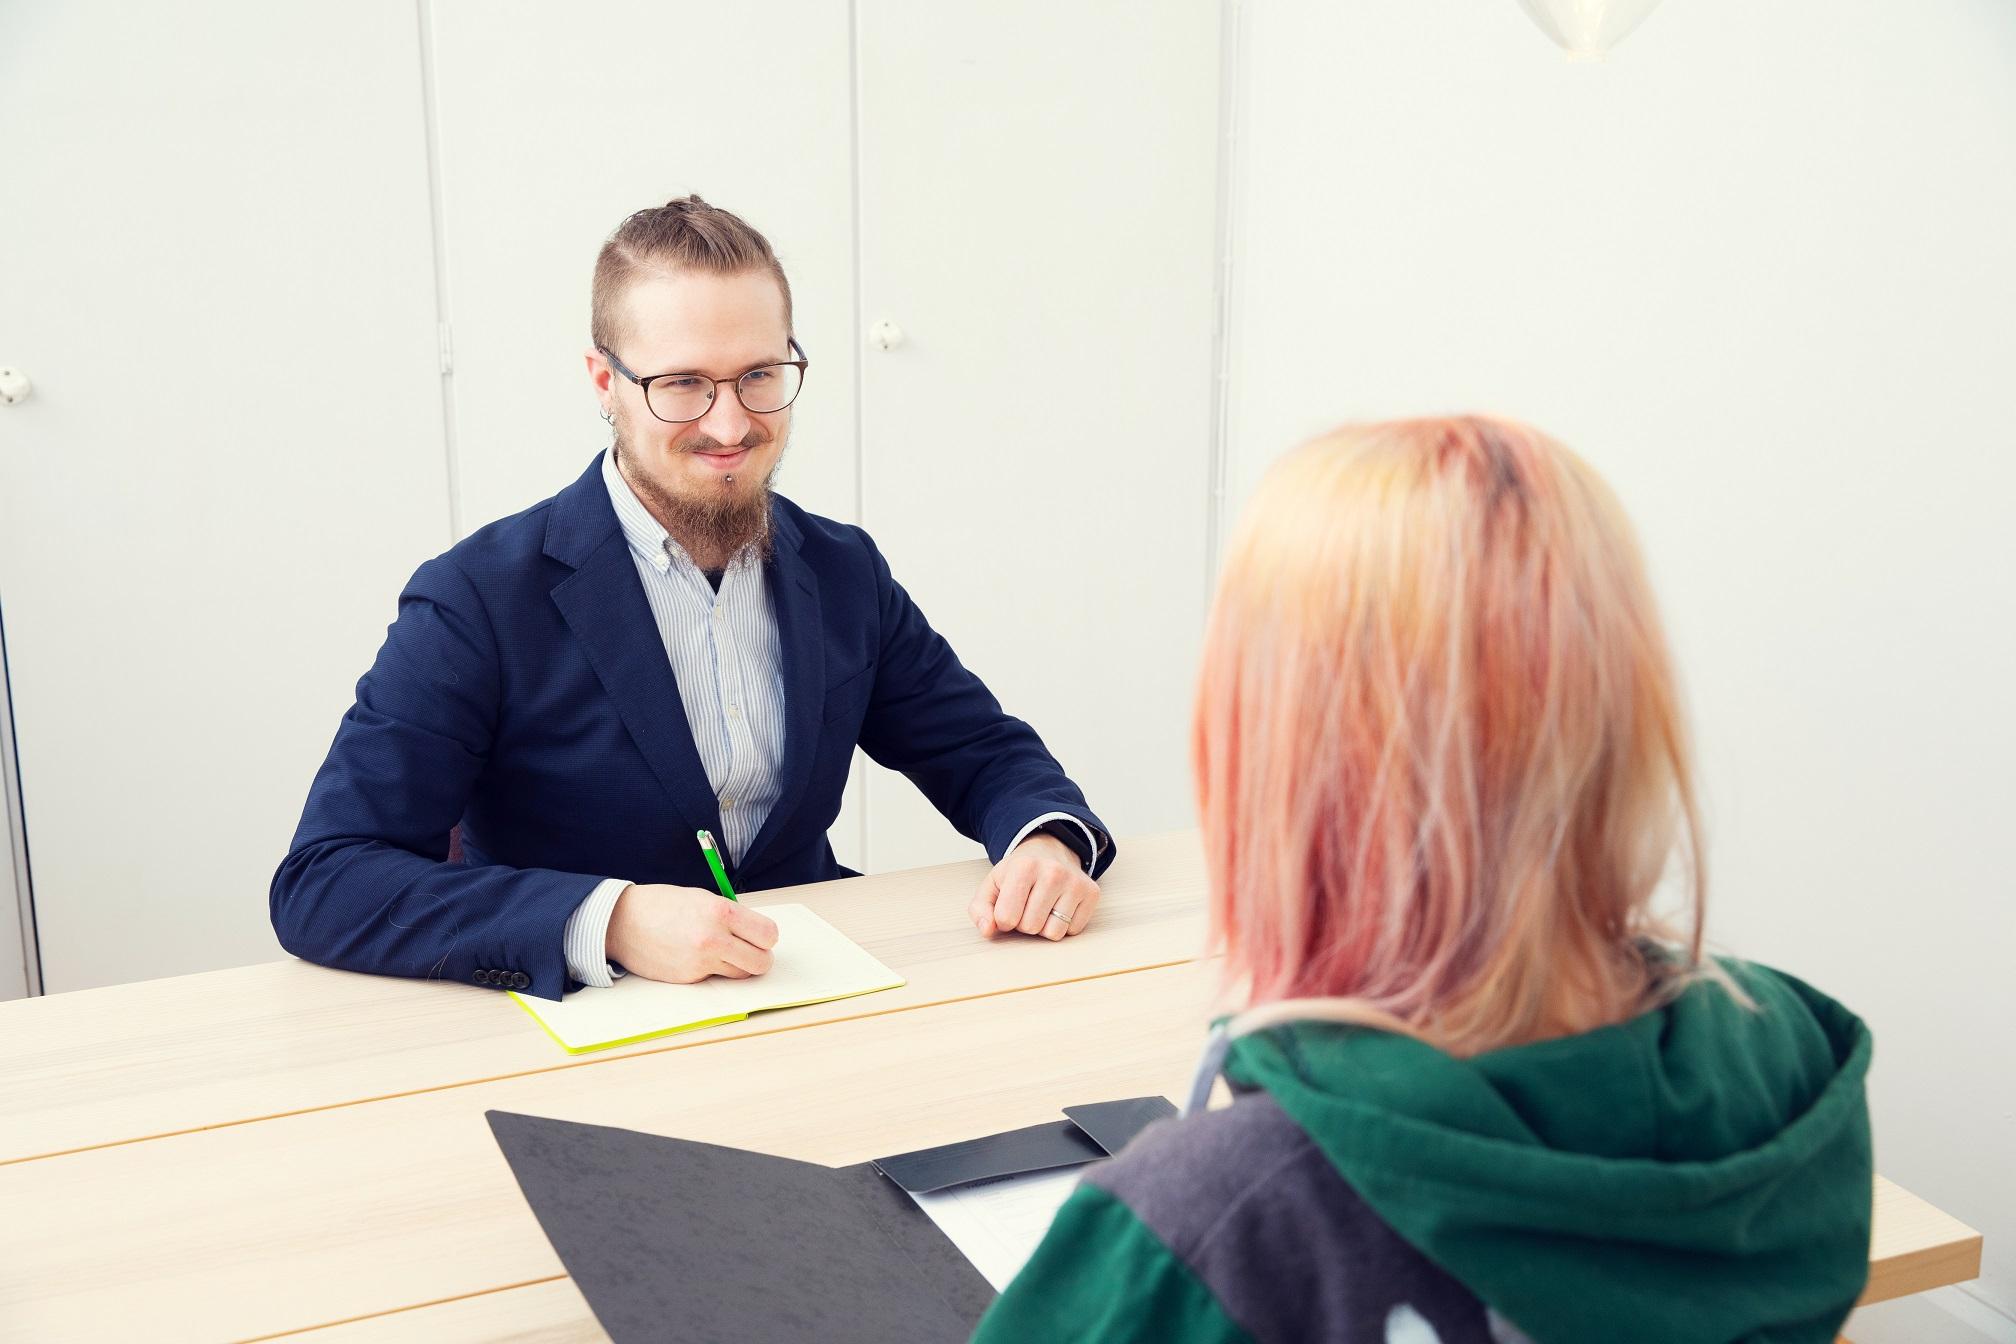 Silmälasipäinen mies pikkutakissa haastattelu punahiuksista nuorta pöydän äärellä.